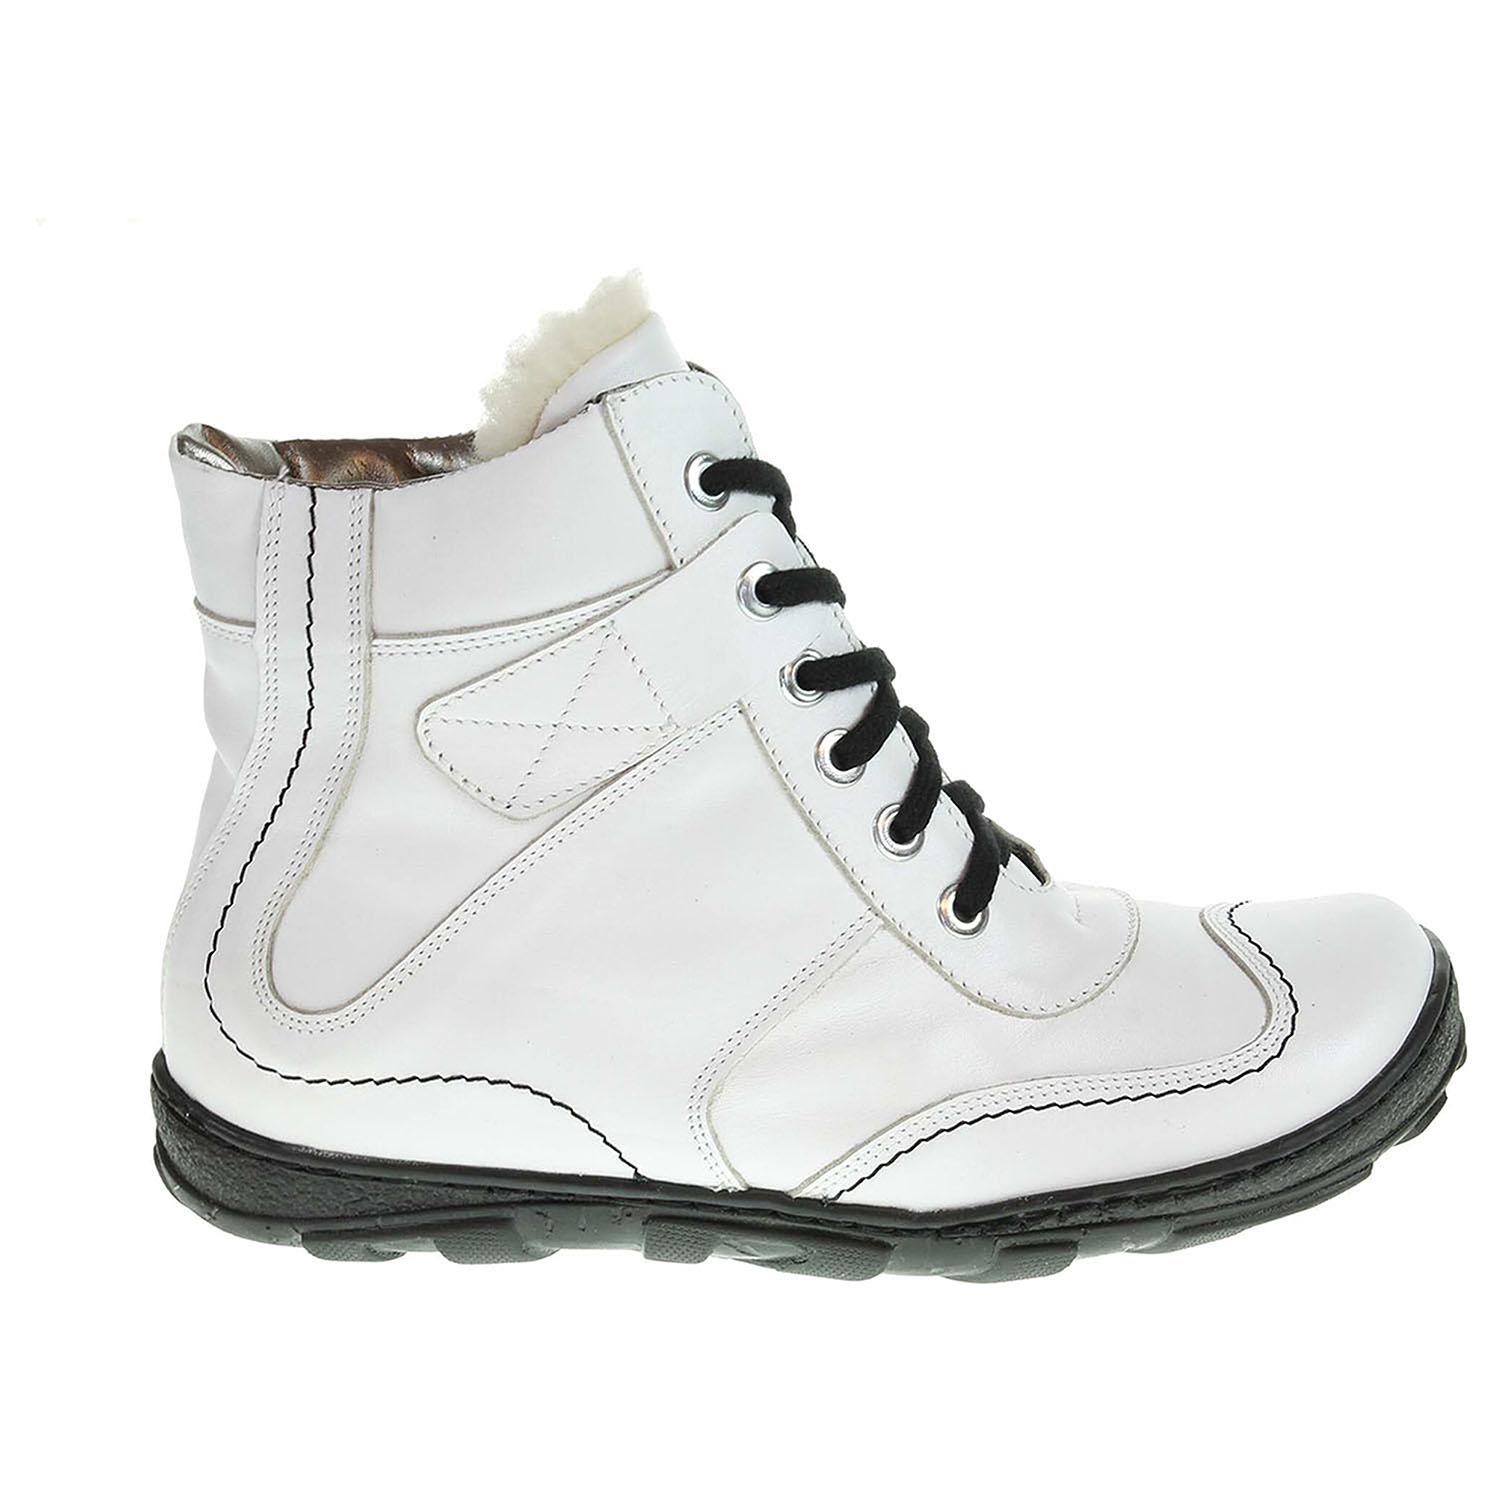 Dámská kotníková obuv 1212 bílá 1212 biela 39